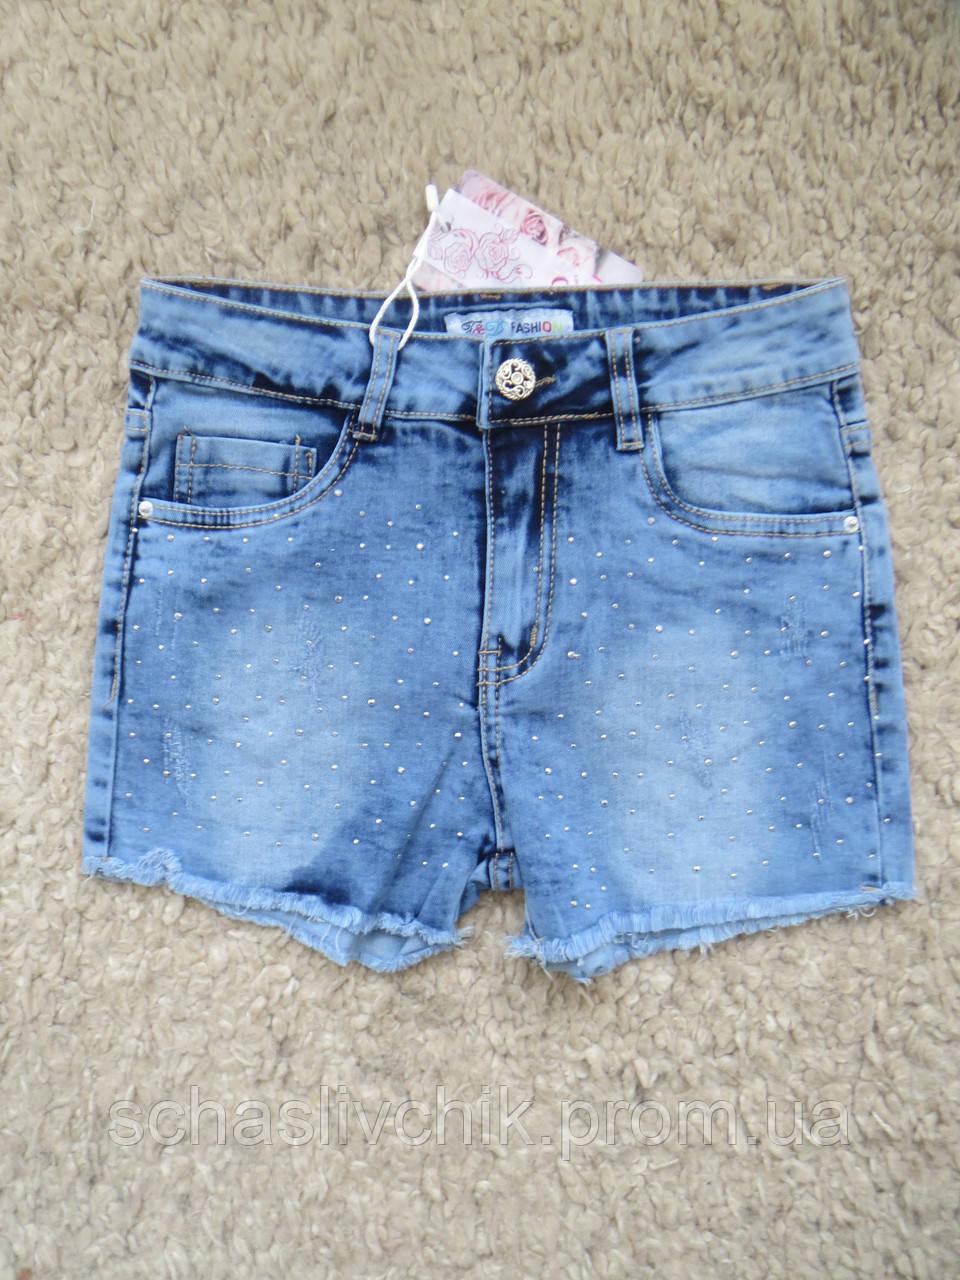 Детские джинсовые бриджи, шорты для мальчиков и девочек, размер 8-16, фирма F&D